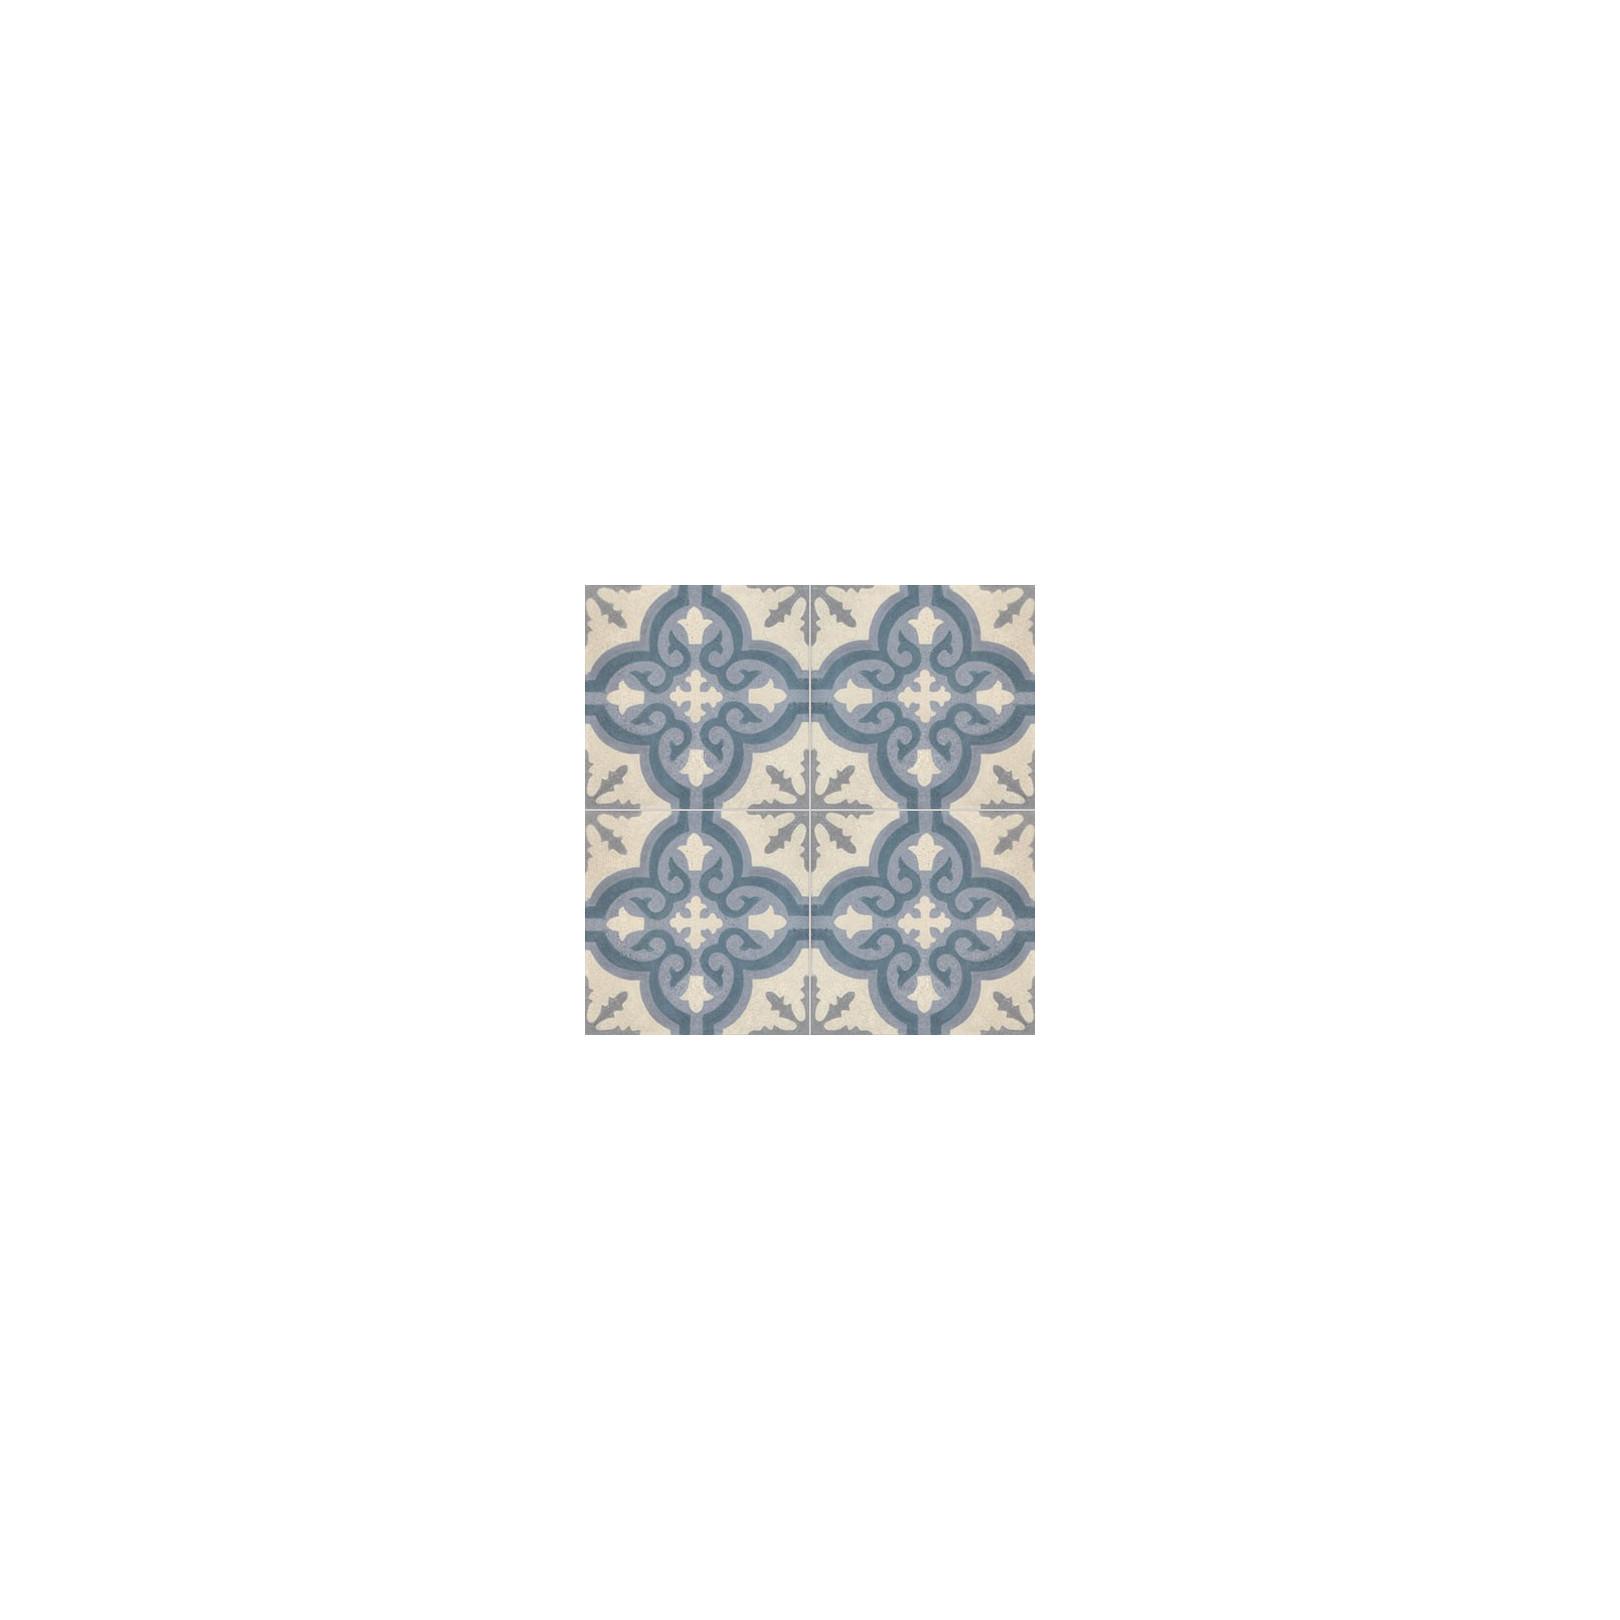 Carreau de stone wash motif 4 carreaux bleu, bleu foncé, crème et gris TROUVILLE SW 33.37.27.30